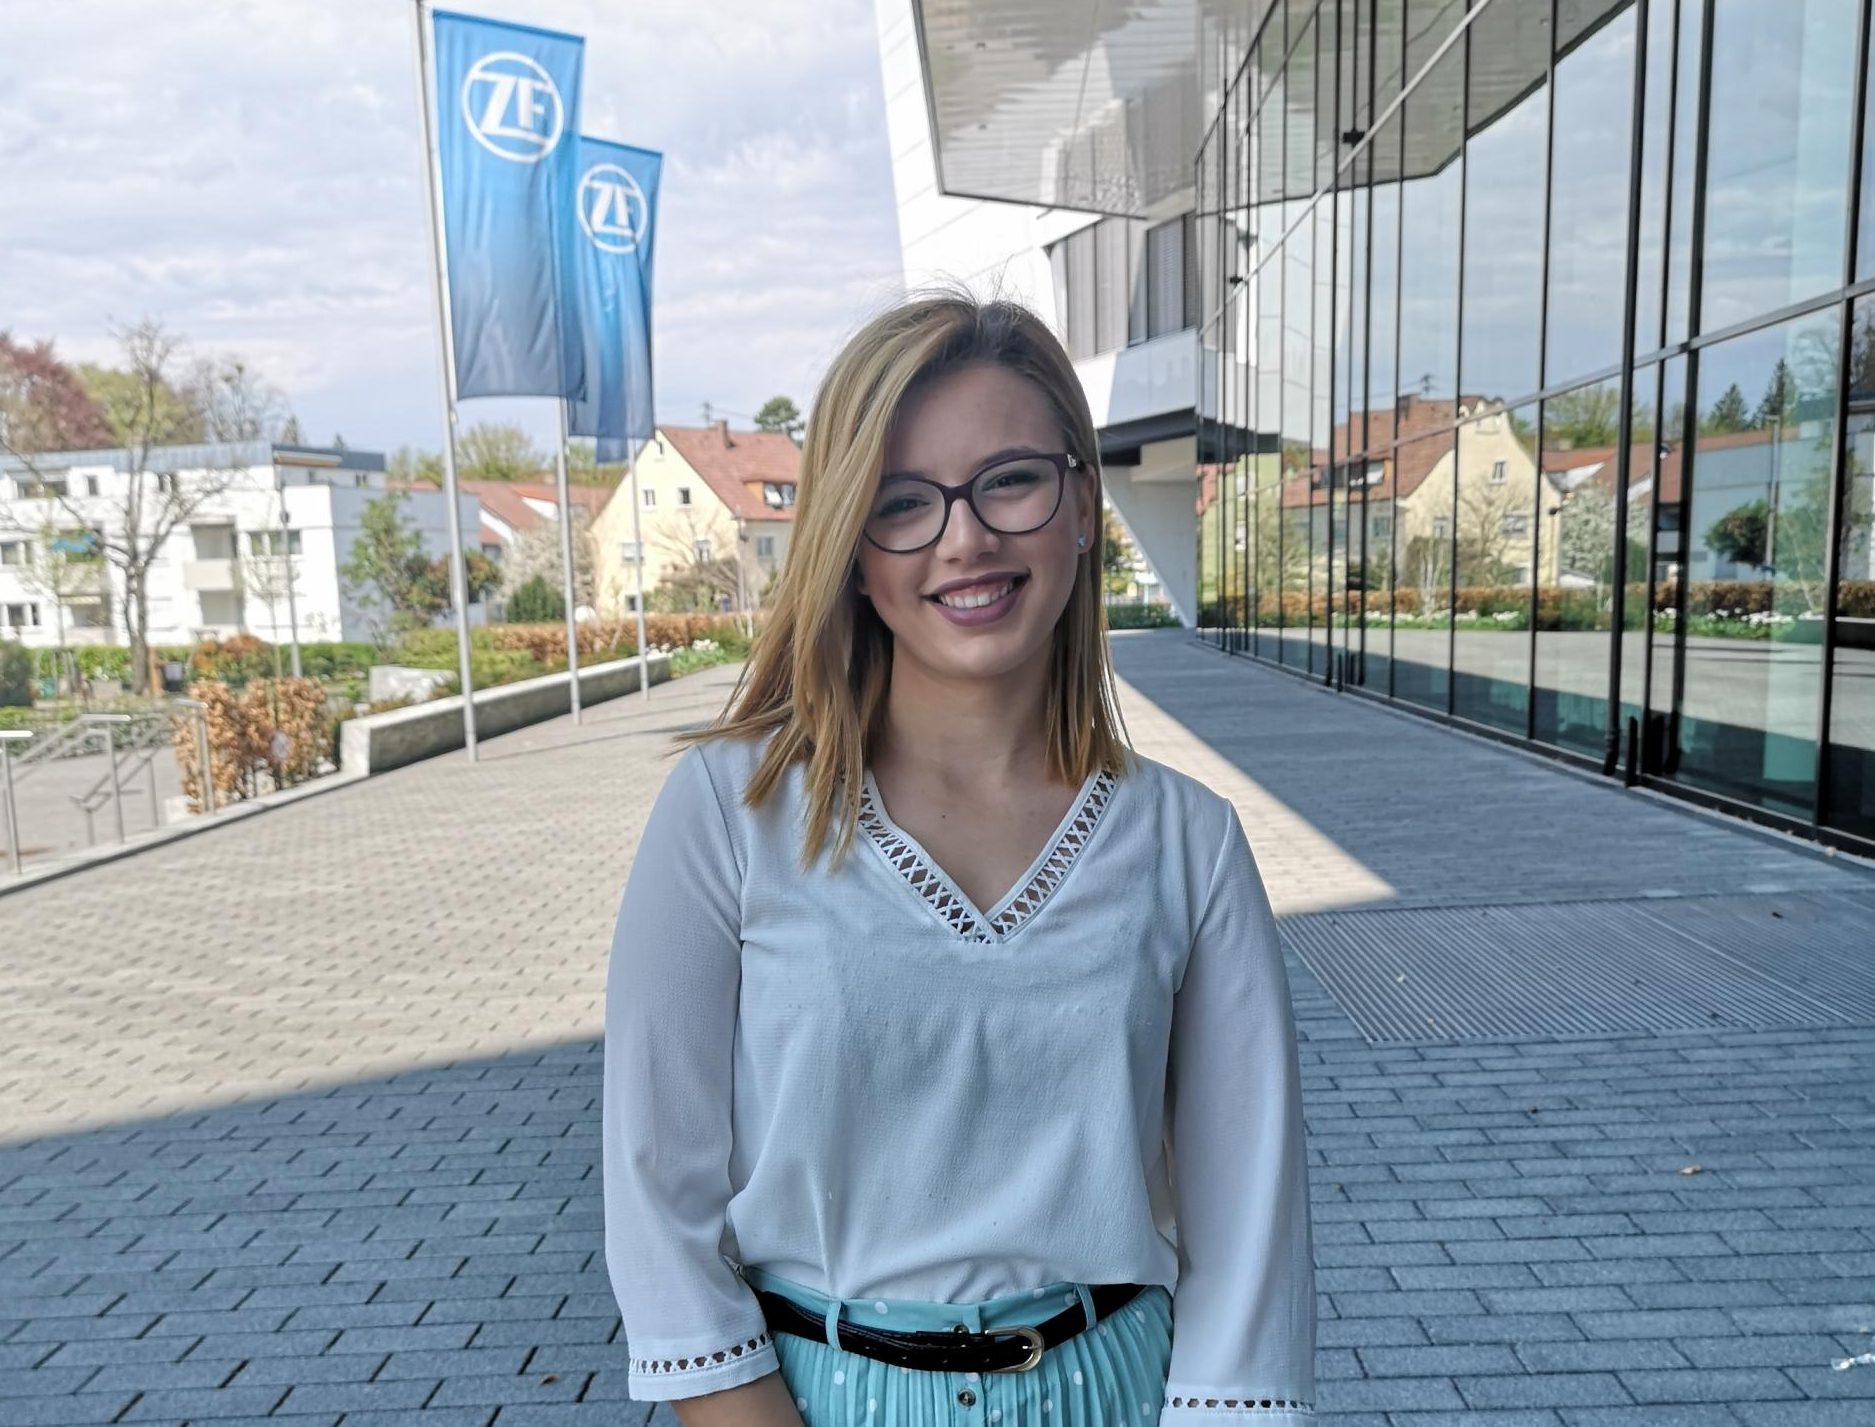 Emina Mahmutbegović, ponos BiH: Aktivizam u BHFF-u je najbolja stvar koja mi se u životu desila